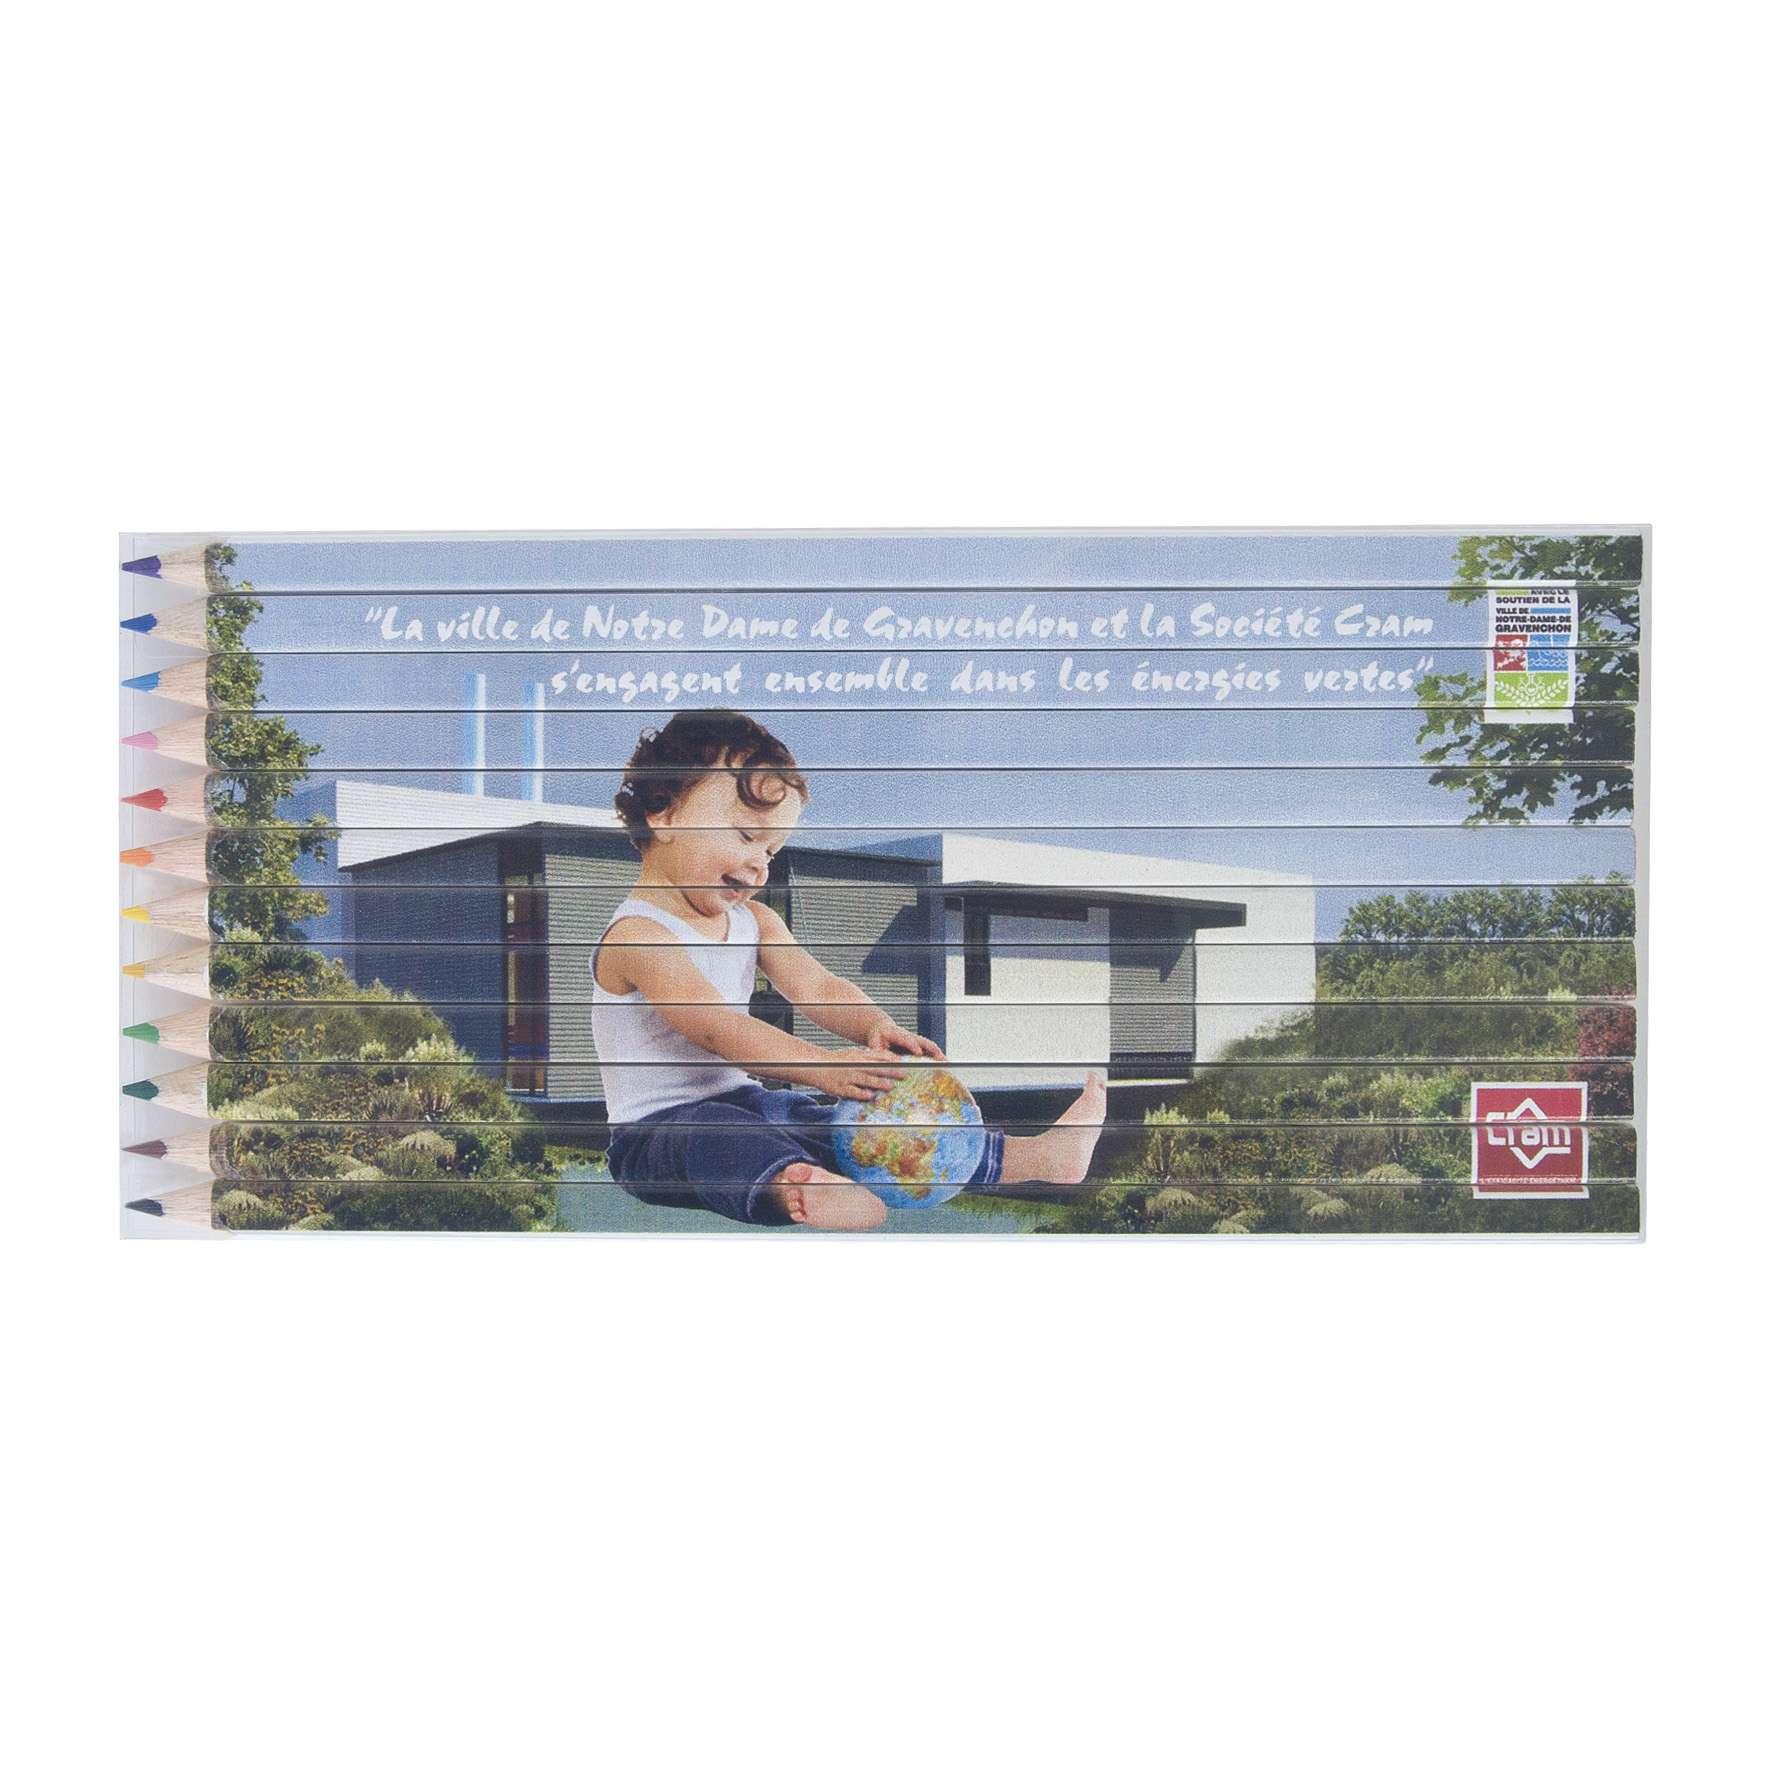 cadeau publicitaire écologique - set 12 crayons publicitaires Eco quadri puzzle